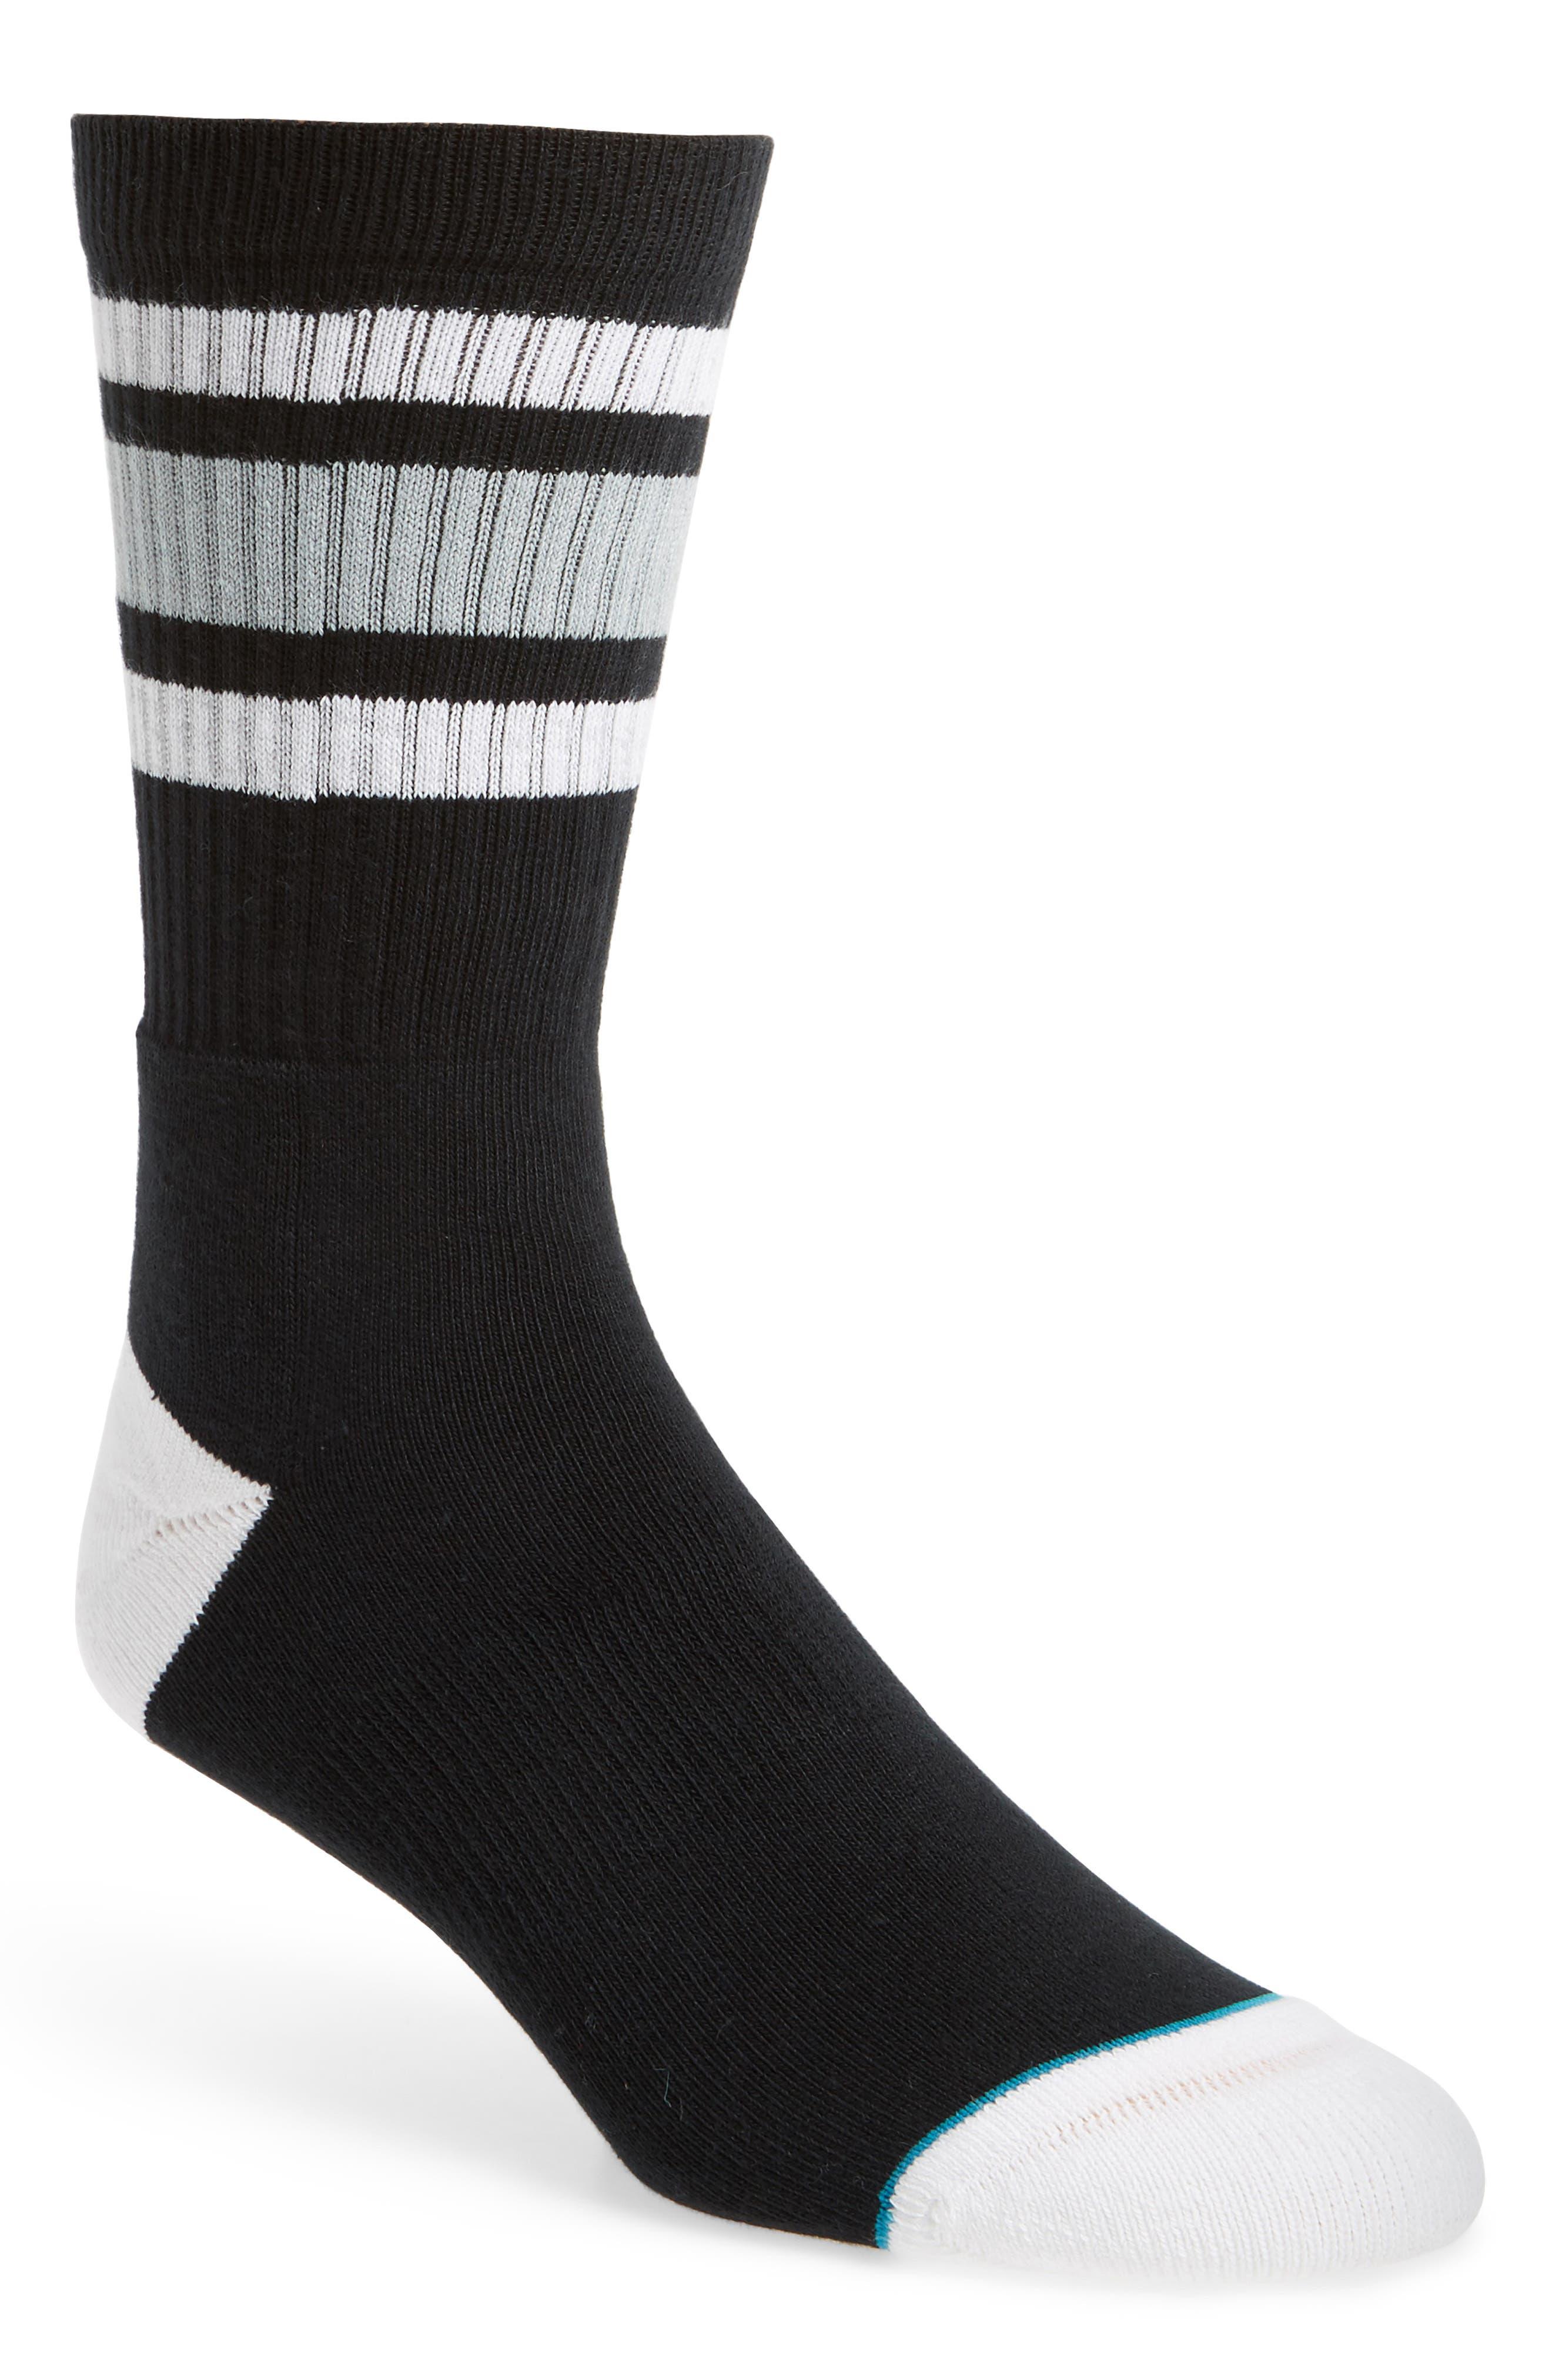 Alternate Image 1 Selected - Stance Boyd 4 Socks